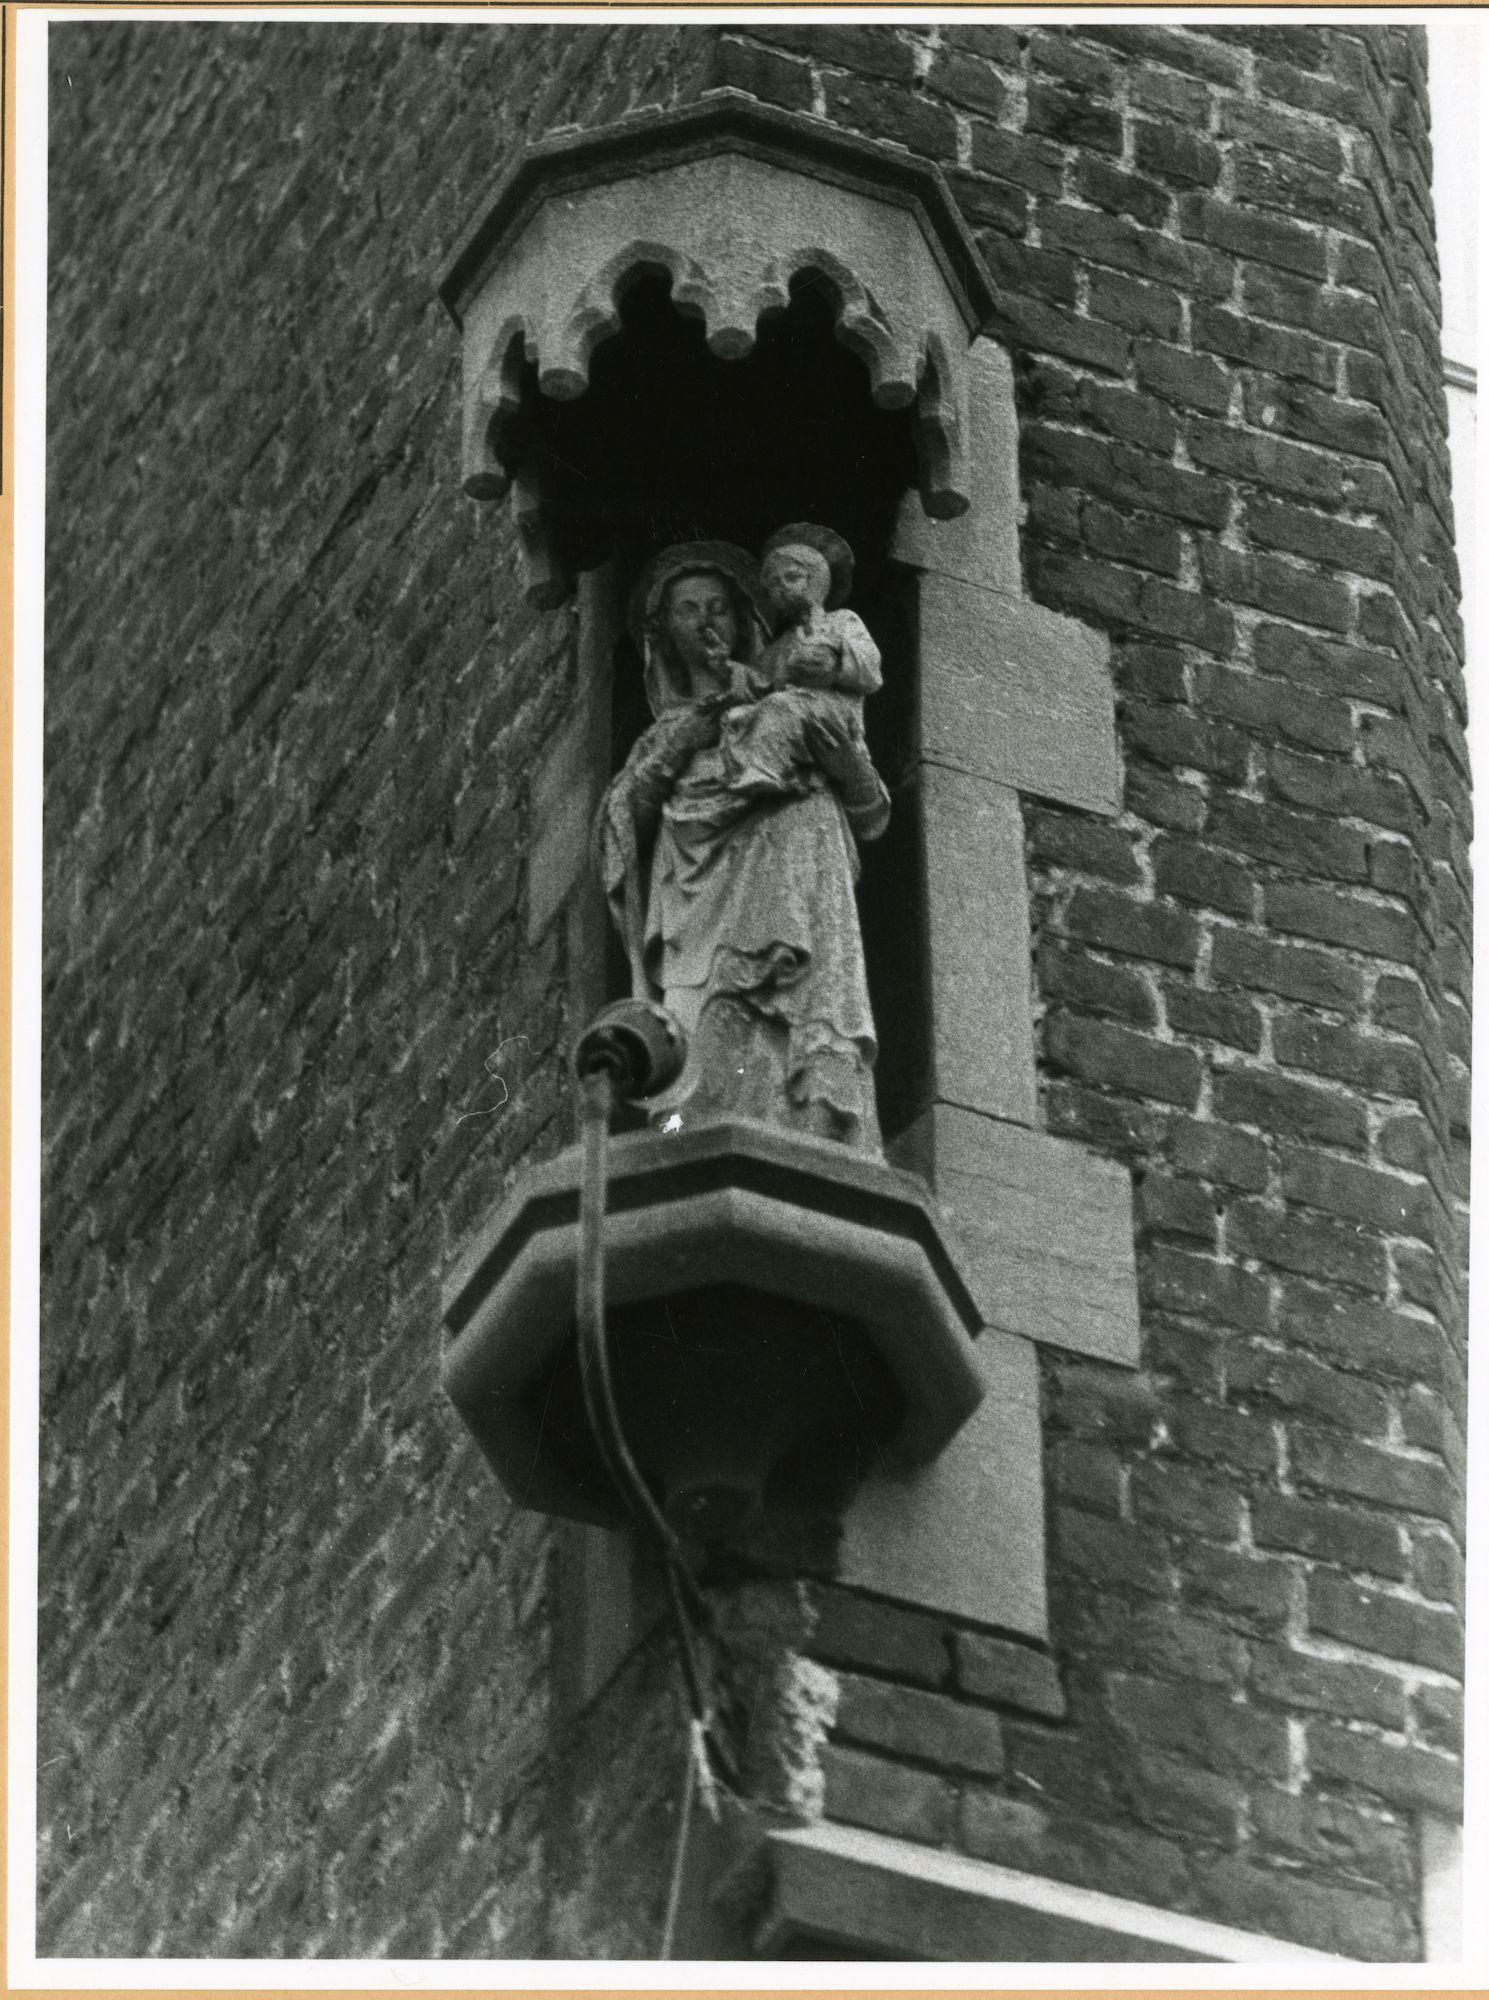 Gent: Forelstraat 60: Sint-Antoniuskerk: pastorij: nisbeeld: Onze-Lieve-Vrouw met kind,1979